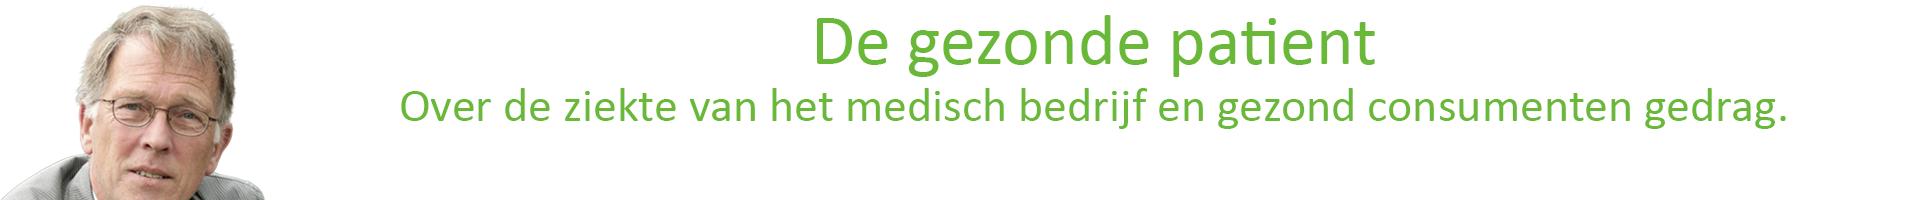 Degezondepatient.nl